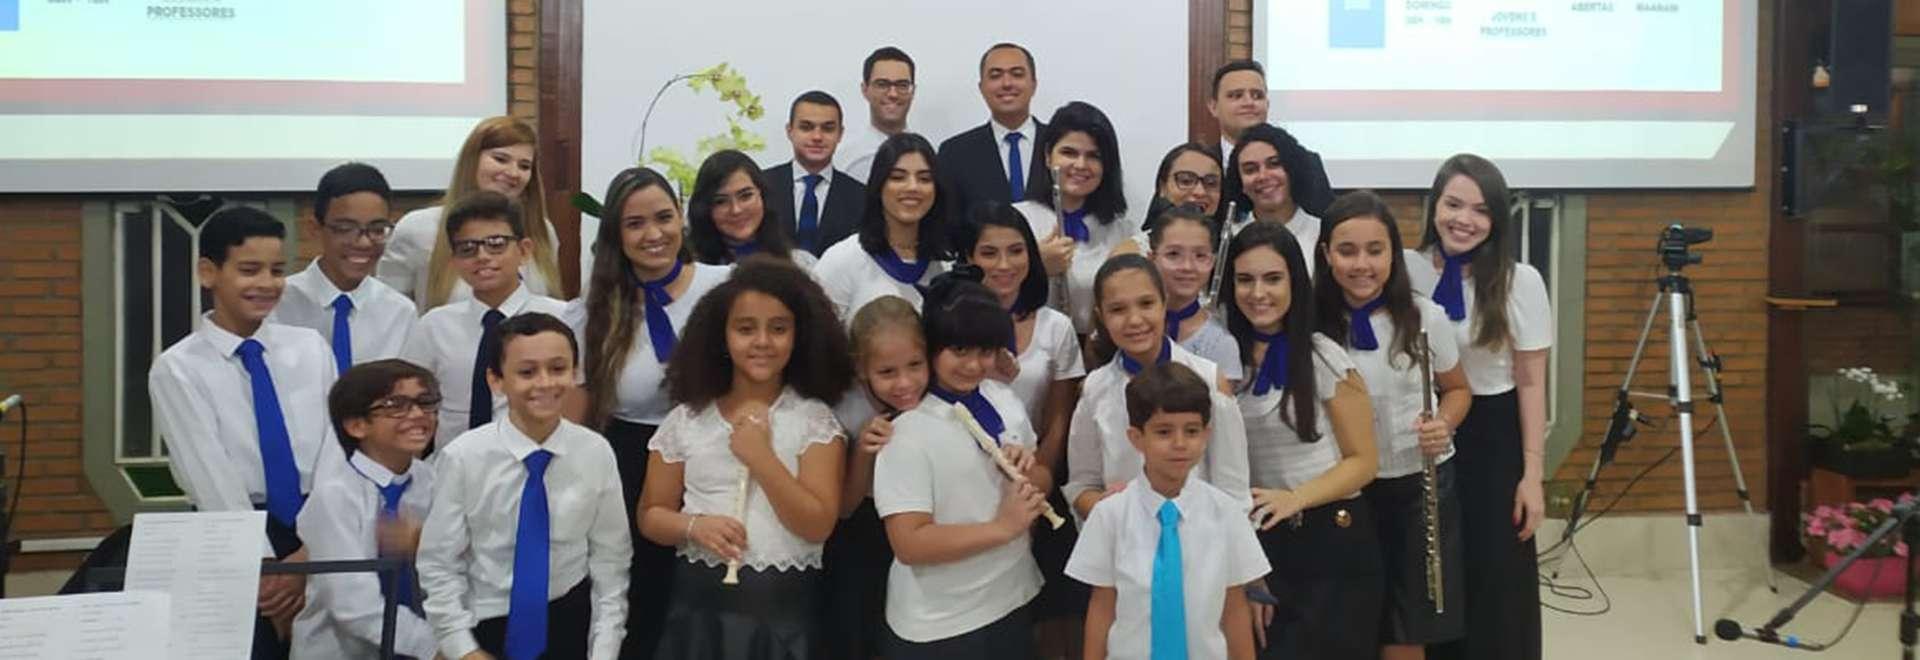 Projeto Aprendiz da Igreja Cristã Maranata avança em Goiânia, GO